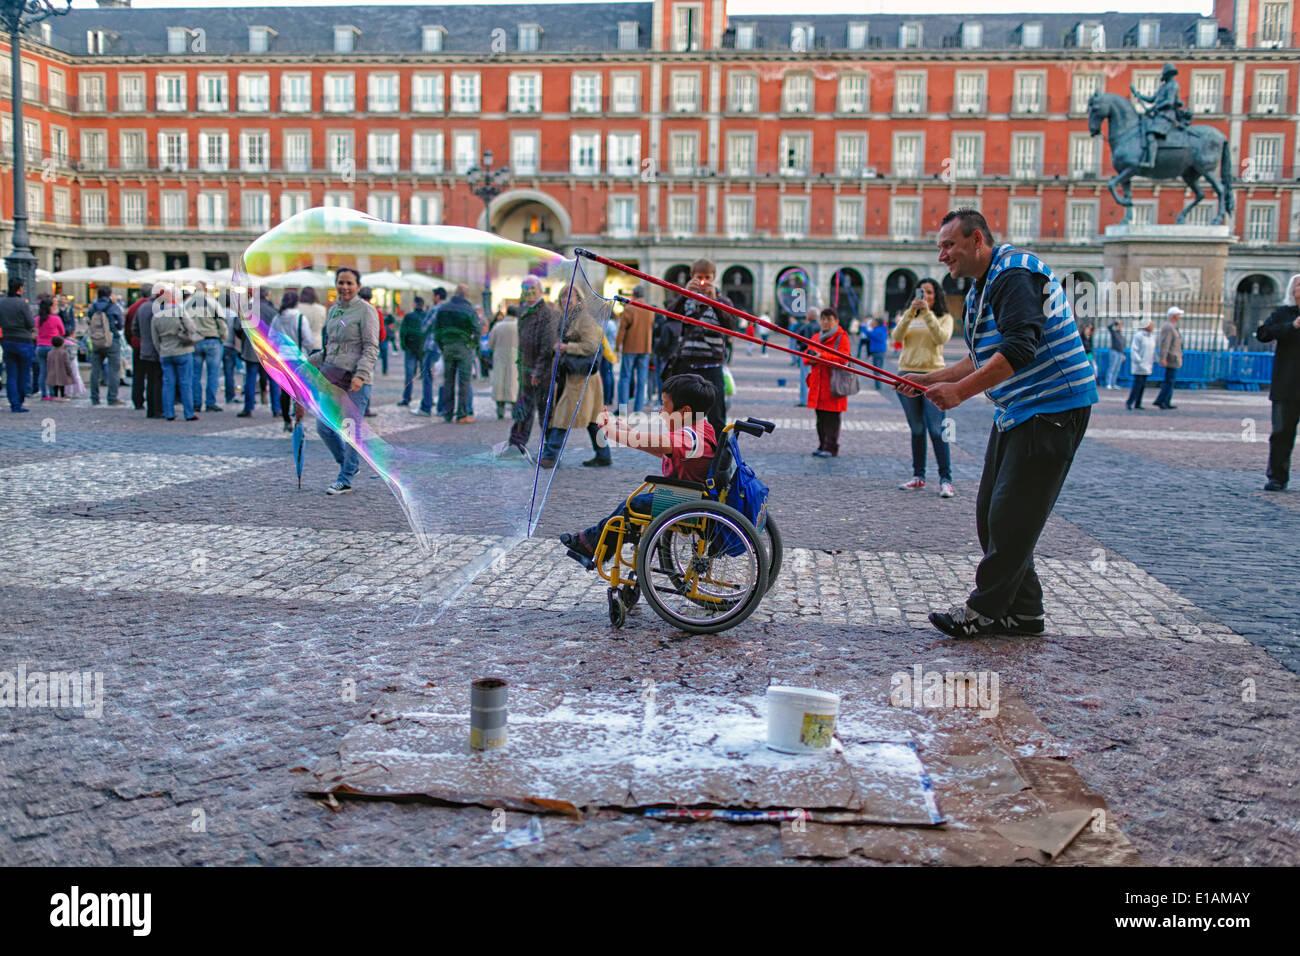 Bulle de savon enveloppant de l'artiste enfant handicapé dans un fauteuil roulant avec bulle de savon, la Plaza Mayor, Madrid, Espagne Photo Stock